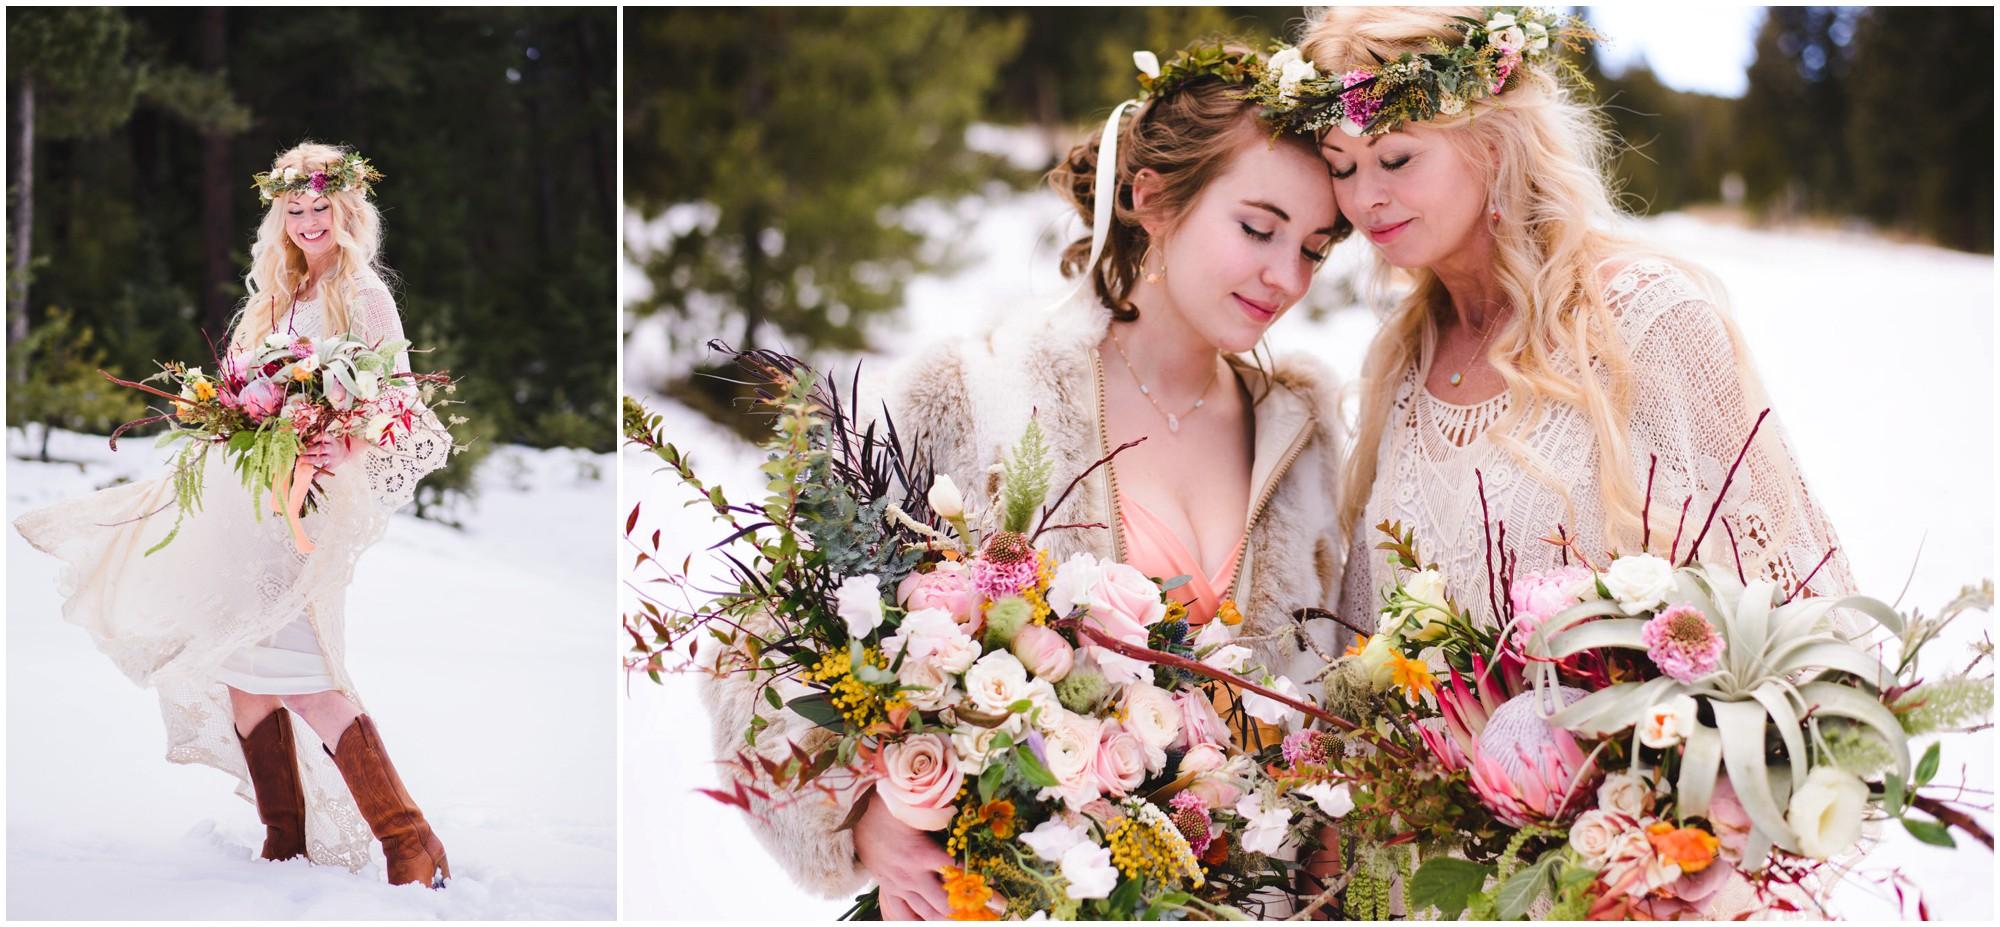 178-same-sex-winter-colorado-mountain-wedding.jpg